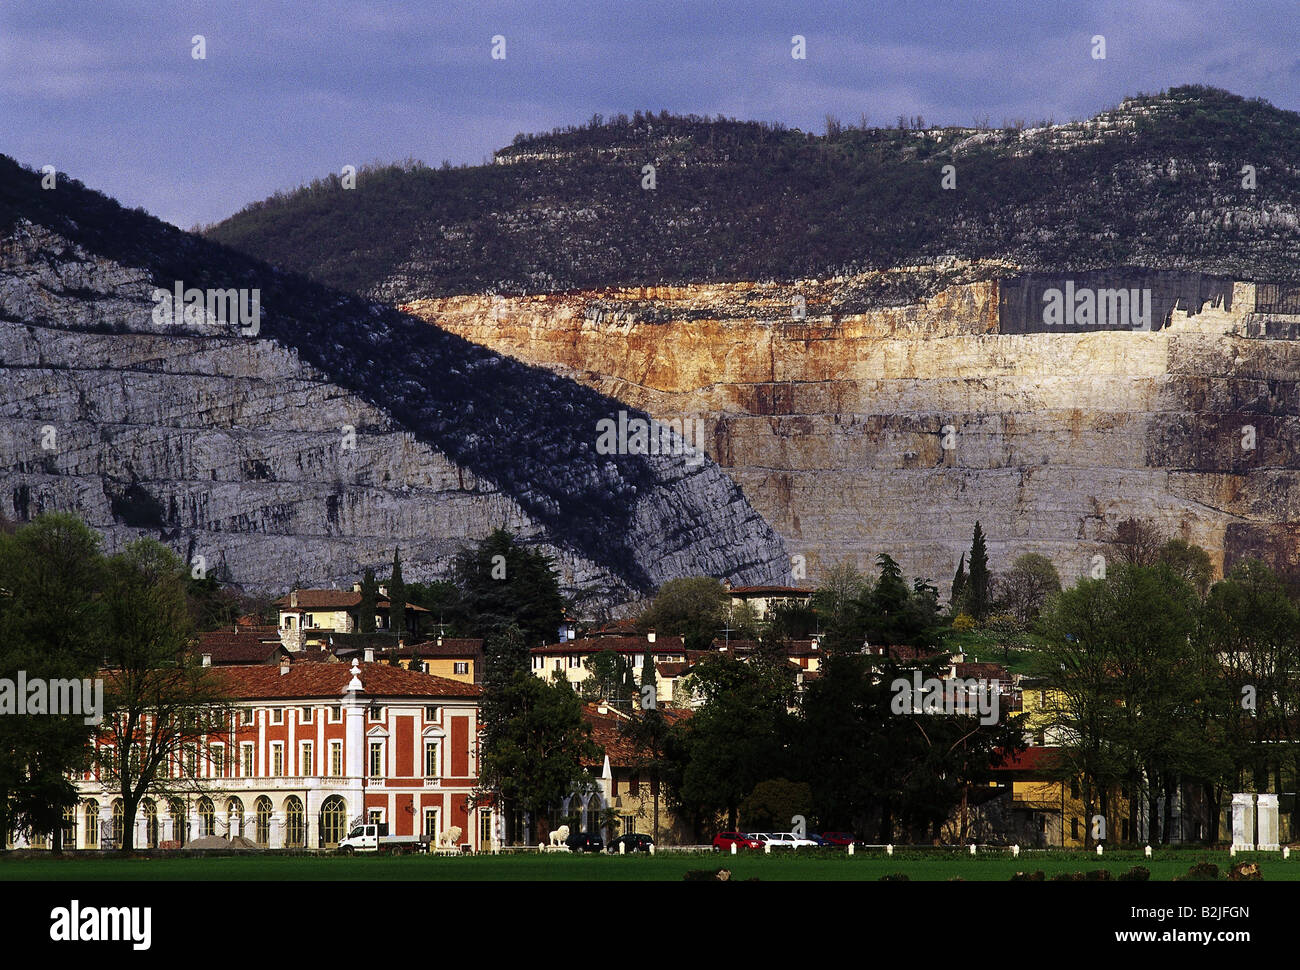 Exceptionnel Bergbau, Steinbruch, Steinbrüche In Der Nähe Von Brescia, Lombardei,  Italien, Additional Rights   Clearance Info   Not Available